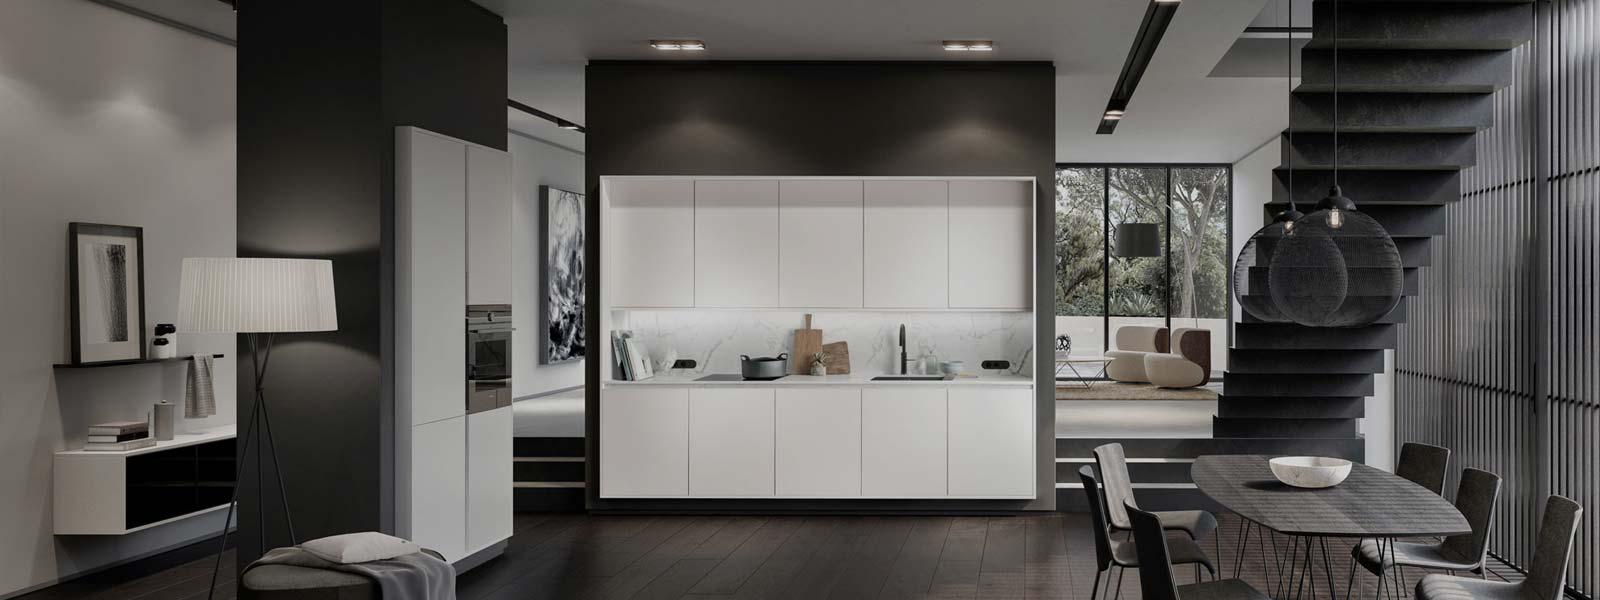 Een witte SieMatic Pure keuken in een ingerichte woning met in totaal tien keukenkastjes. Er zijn een gootsteen en kookplaat ingebouwd in het keukenblok.